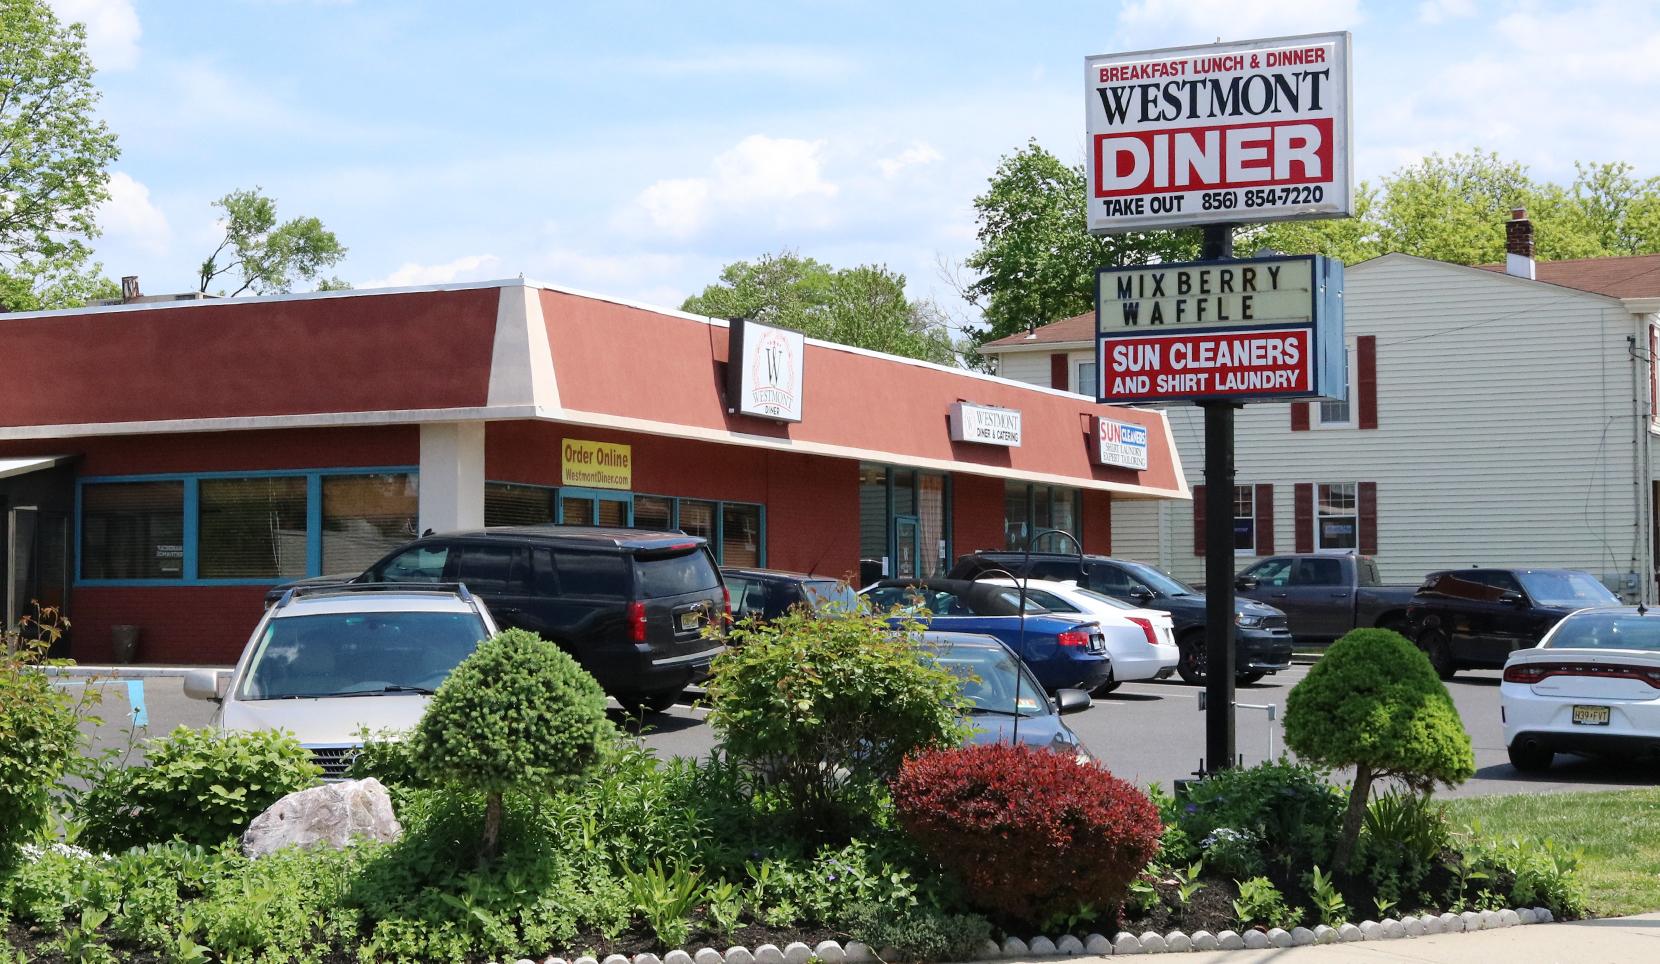 westmont-diner-1